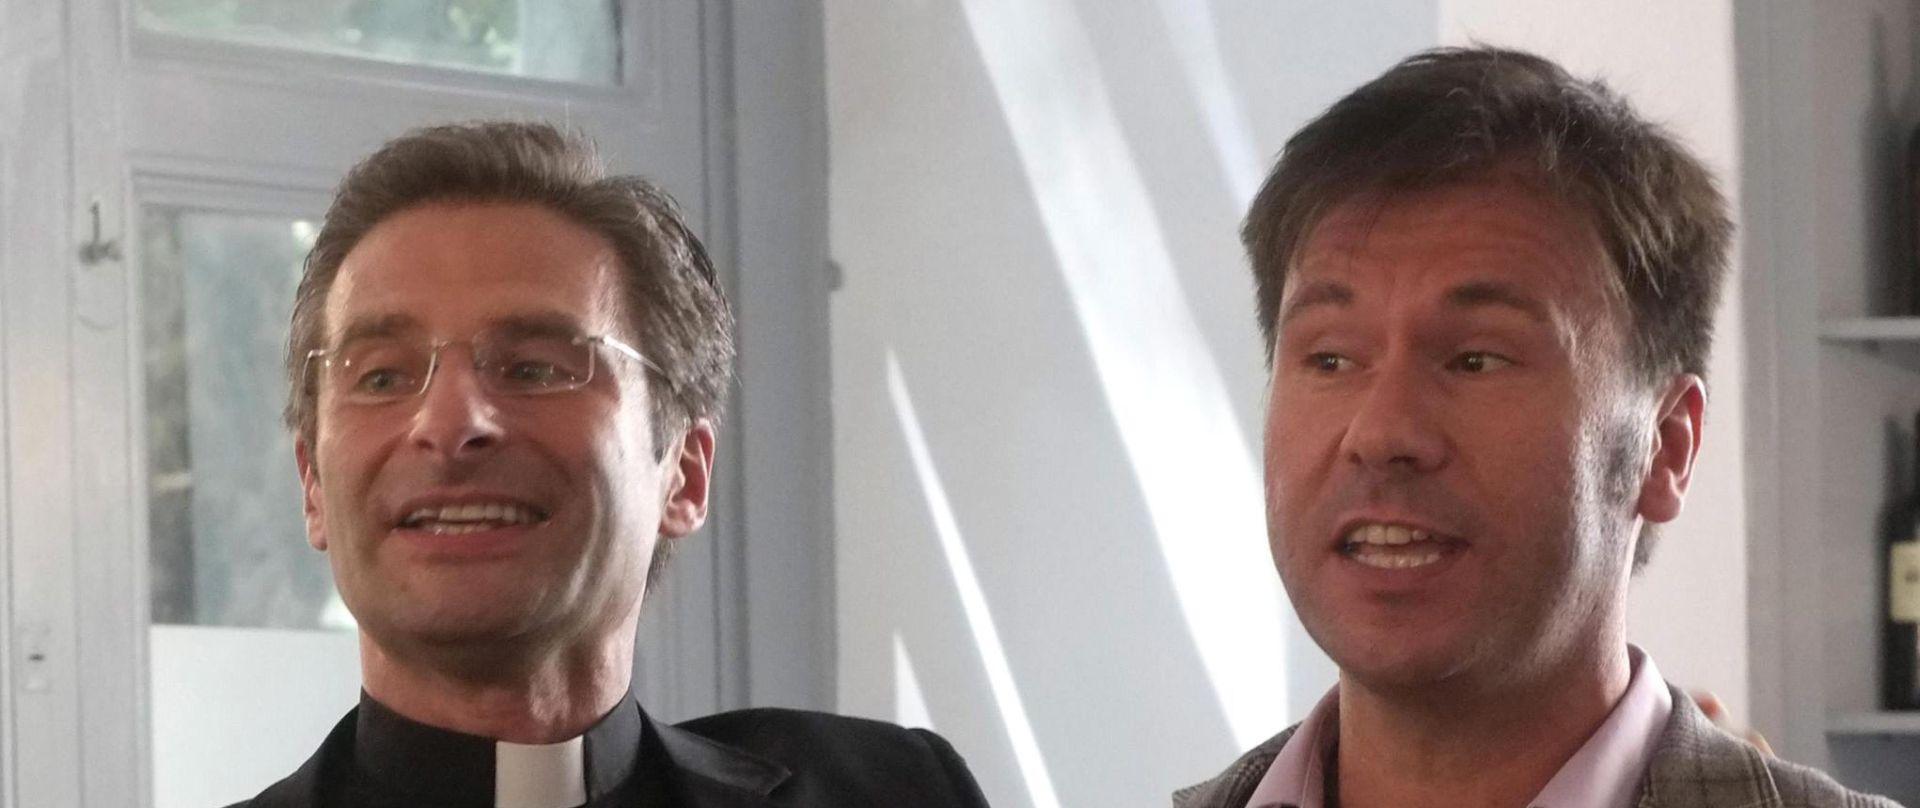 VATIKAN: Razriješen homoseksualni svećenik